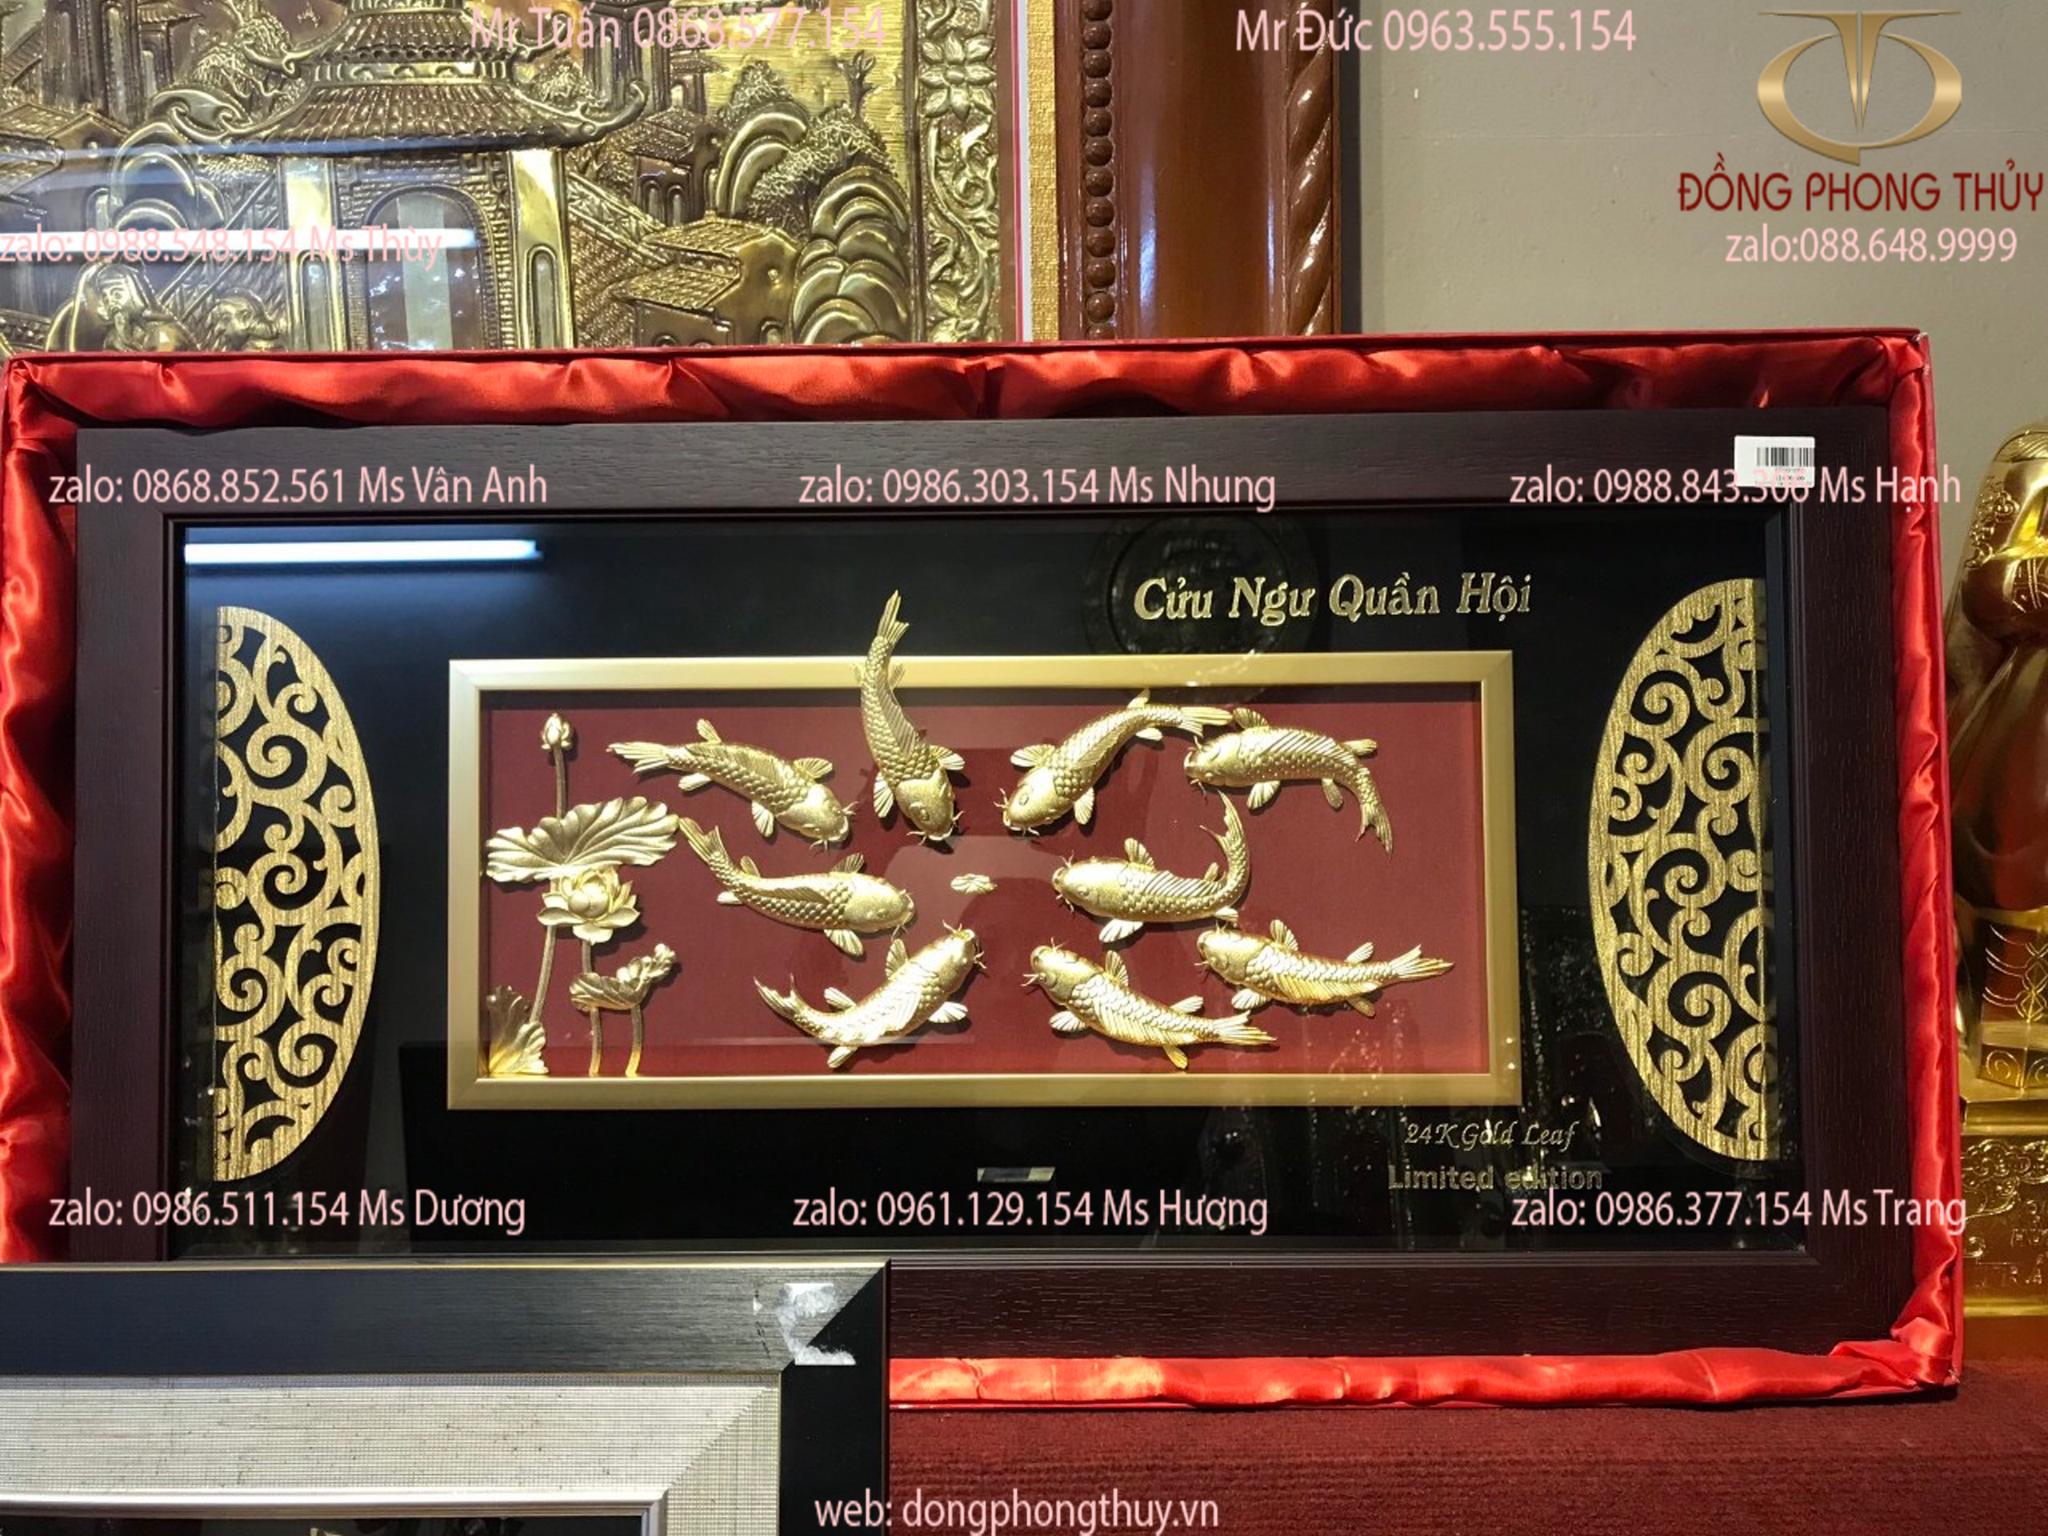 Quà tặng sếp: Tranh Cửu Ngư Quần Hội mạ vàng 24k